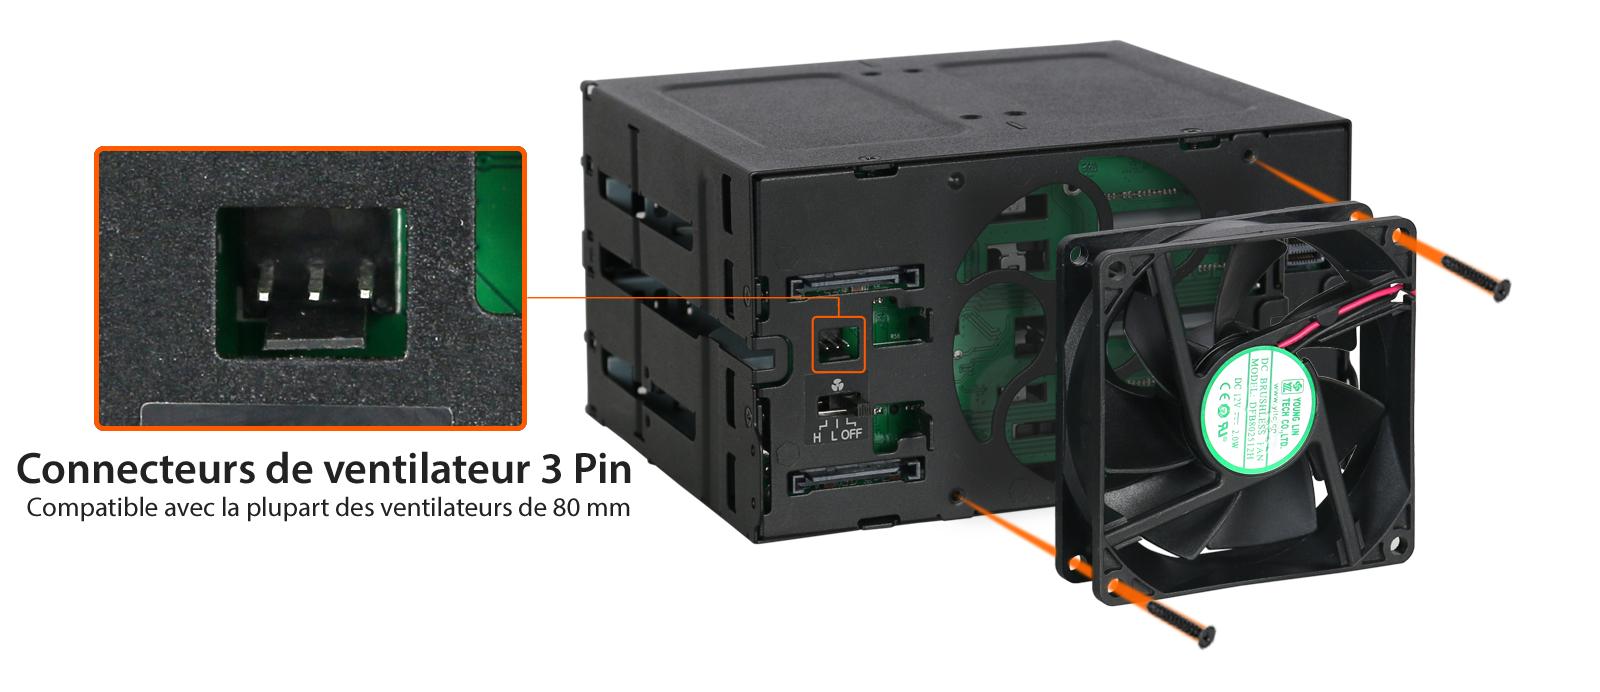 Photo des connecteurs pour ventilateurs